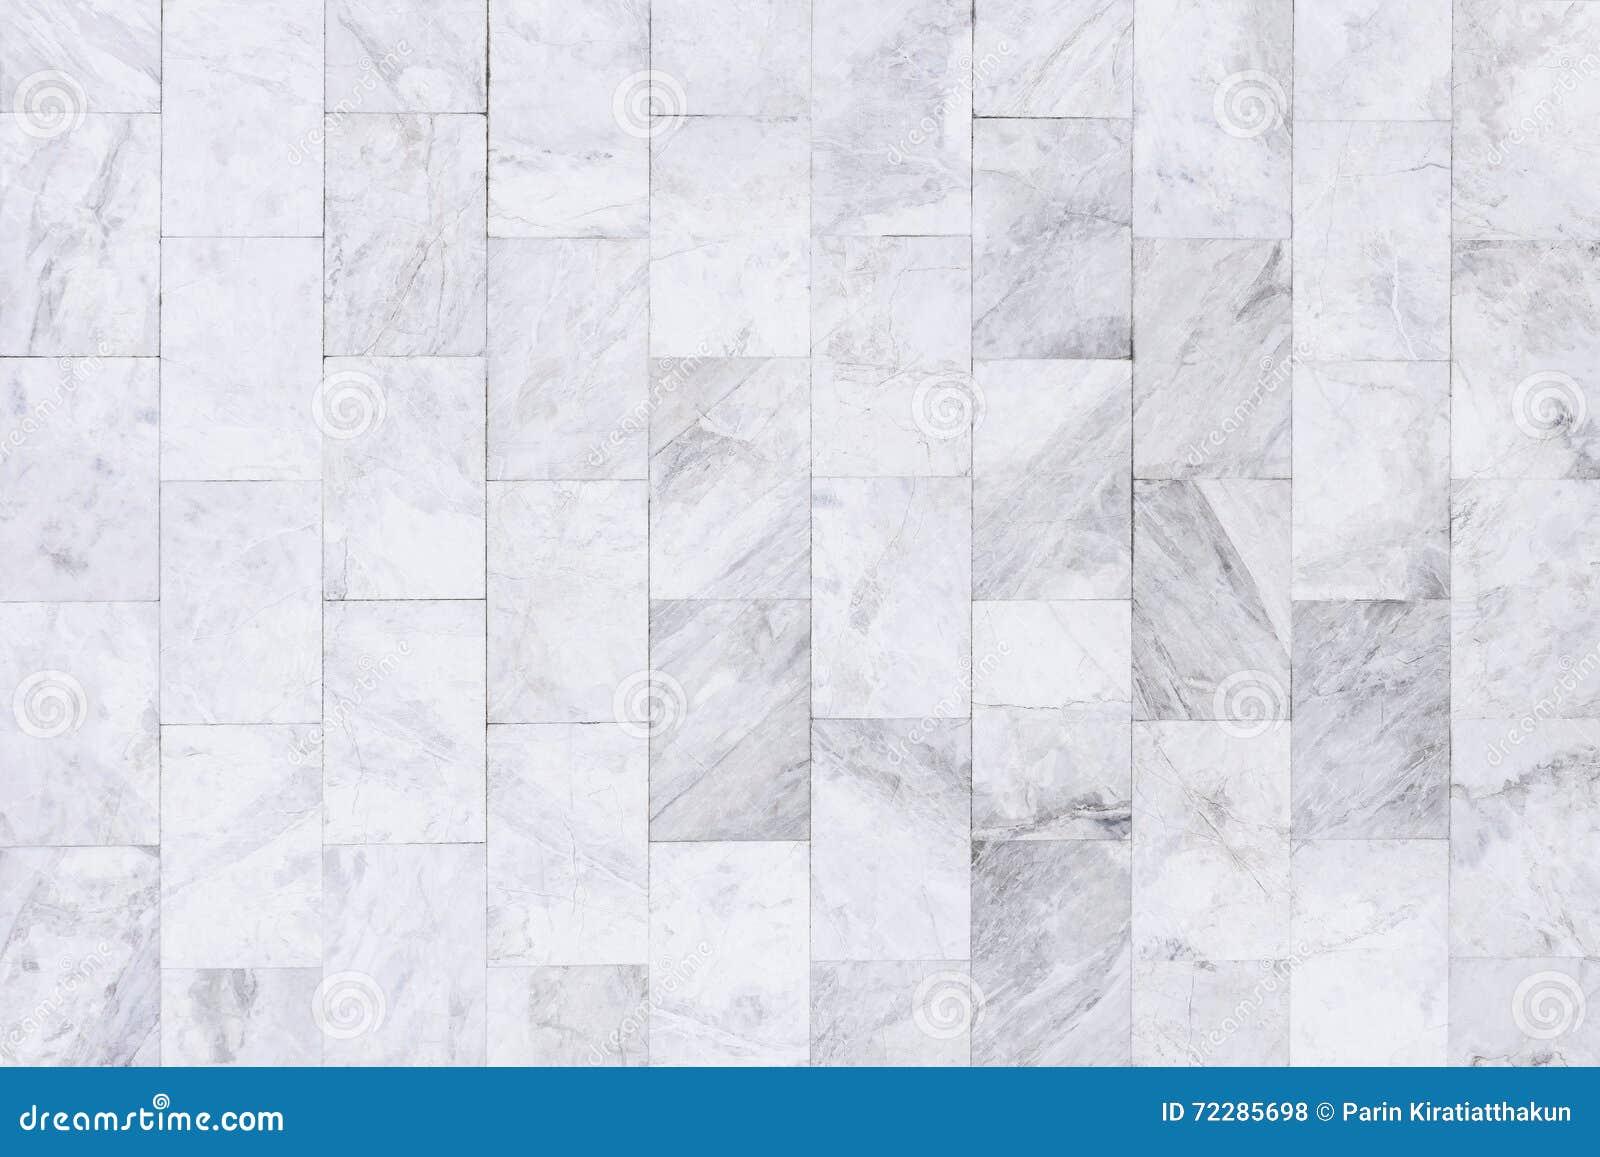 Fondo de m rmol blanco del piso foto de archivo imagen for Textura de marmol blanco